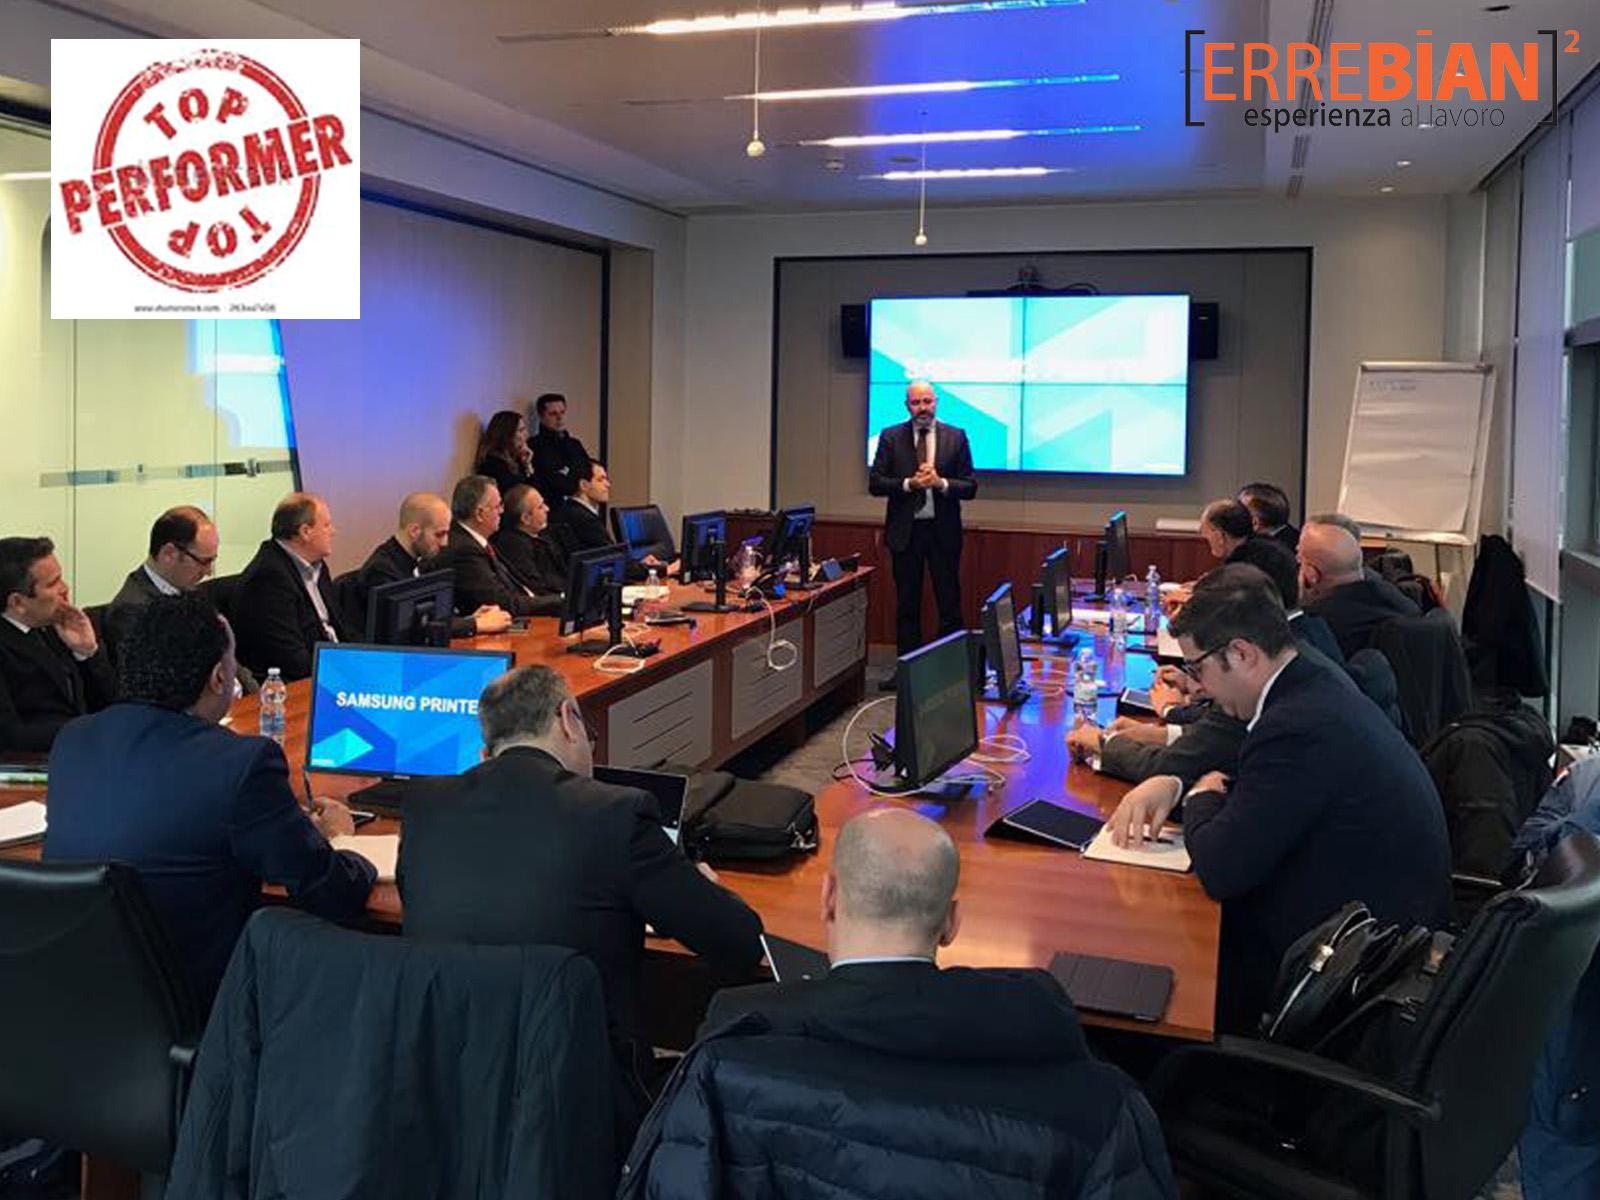 """Errebian a Milano presso la sede della Samsung con i suoi """"Top Performer""""."""